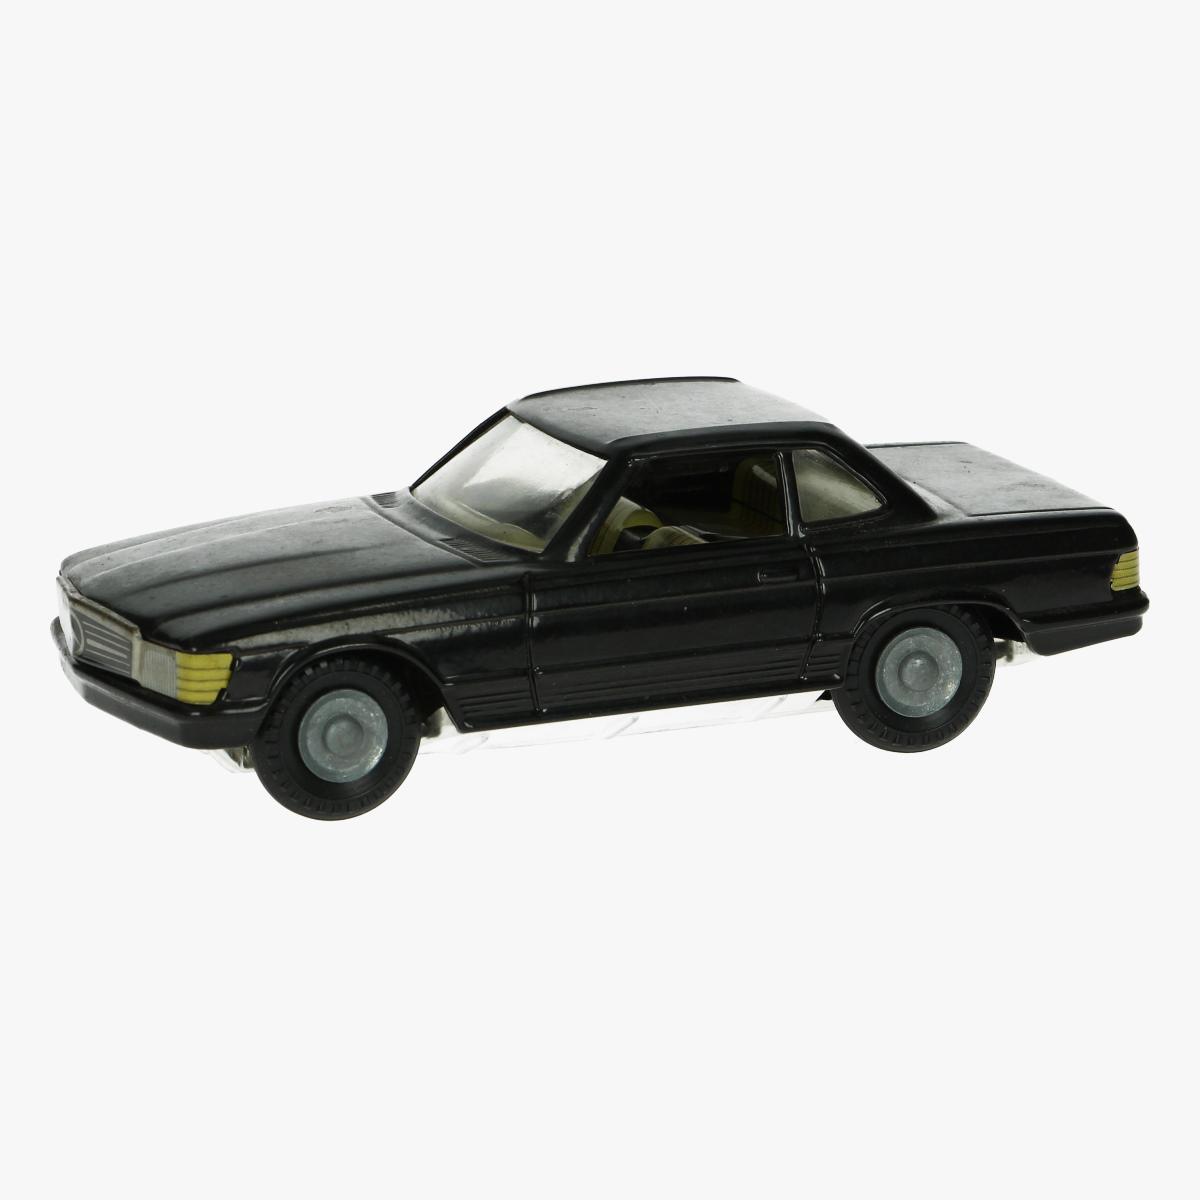 Afbeeldingen van blikken auto mercedes replica